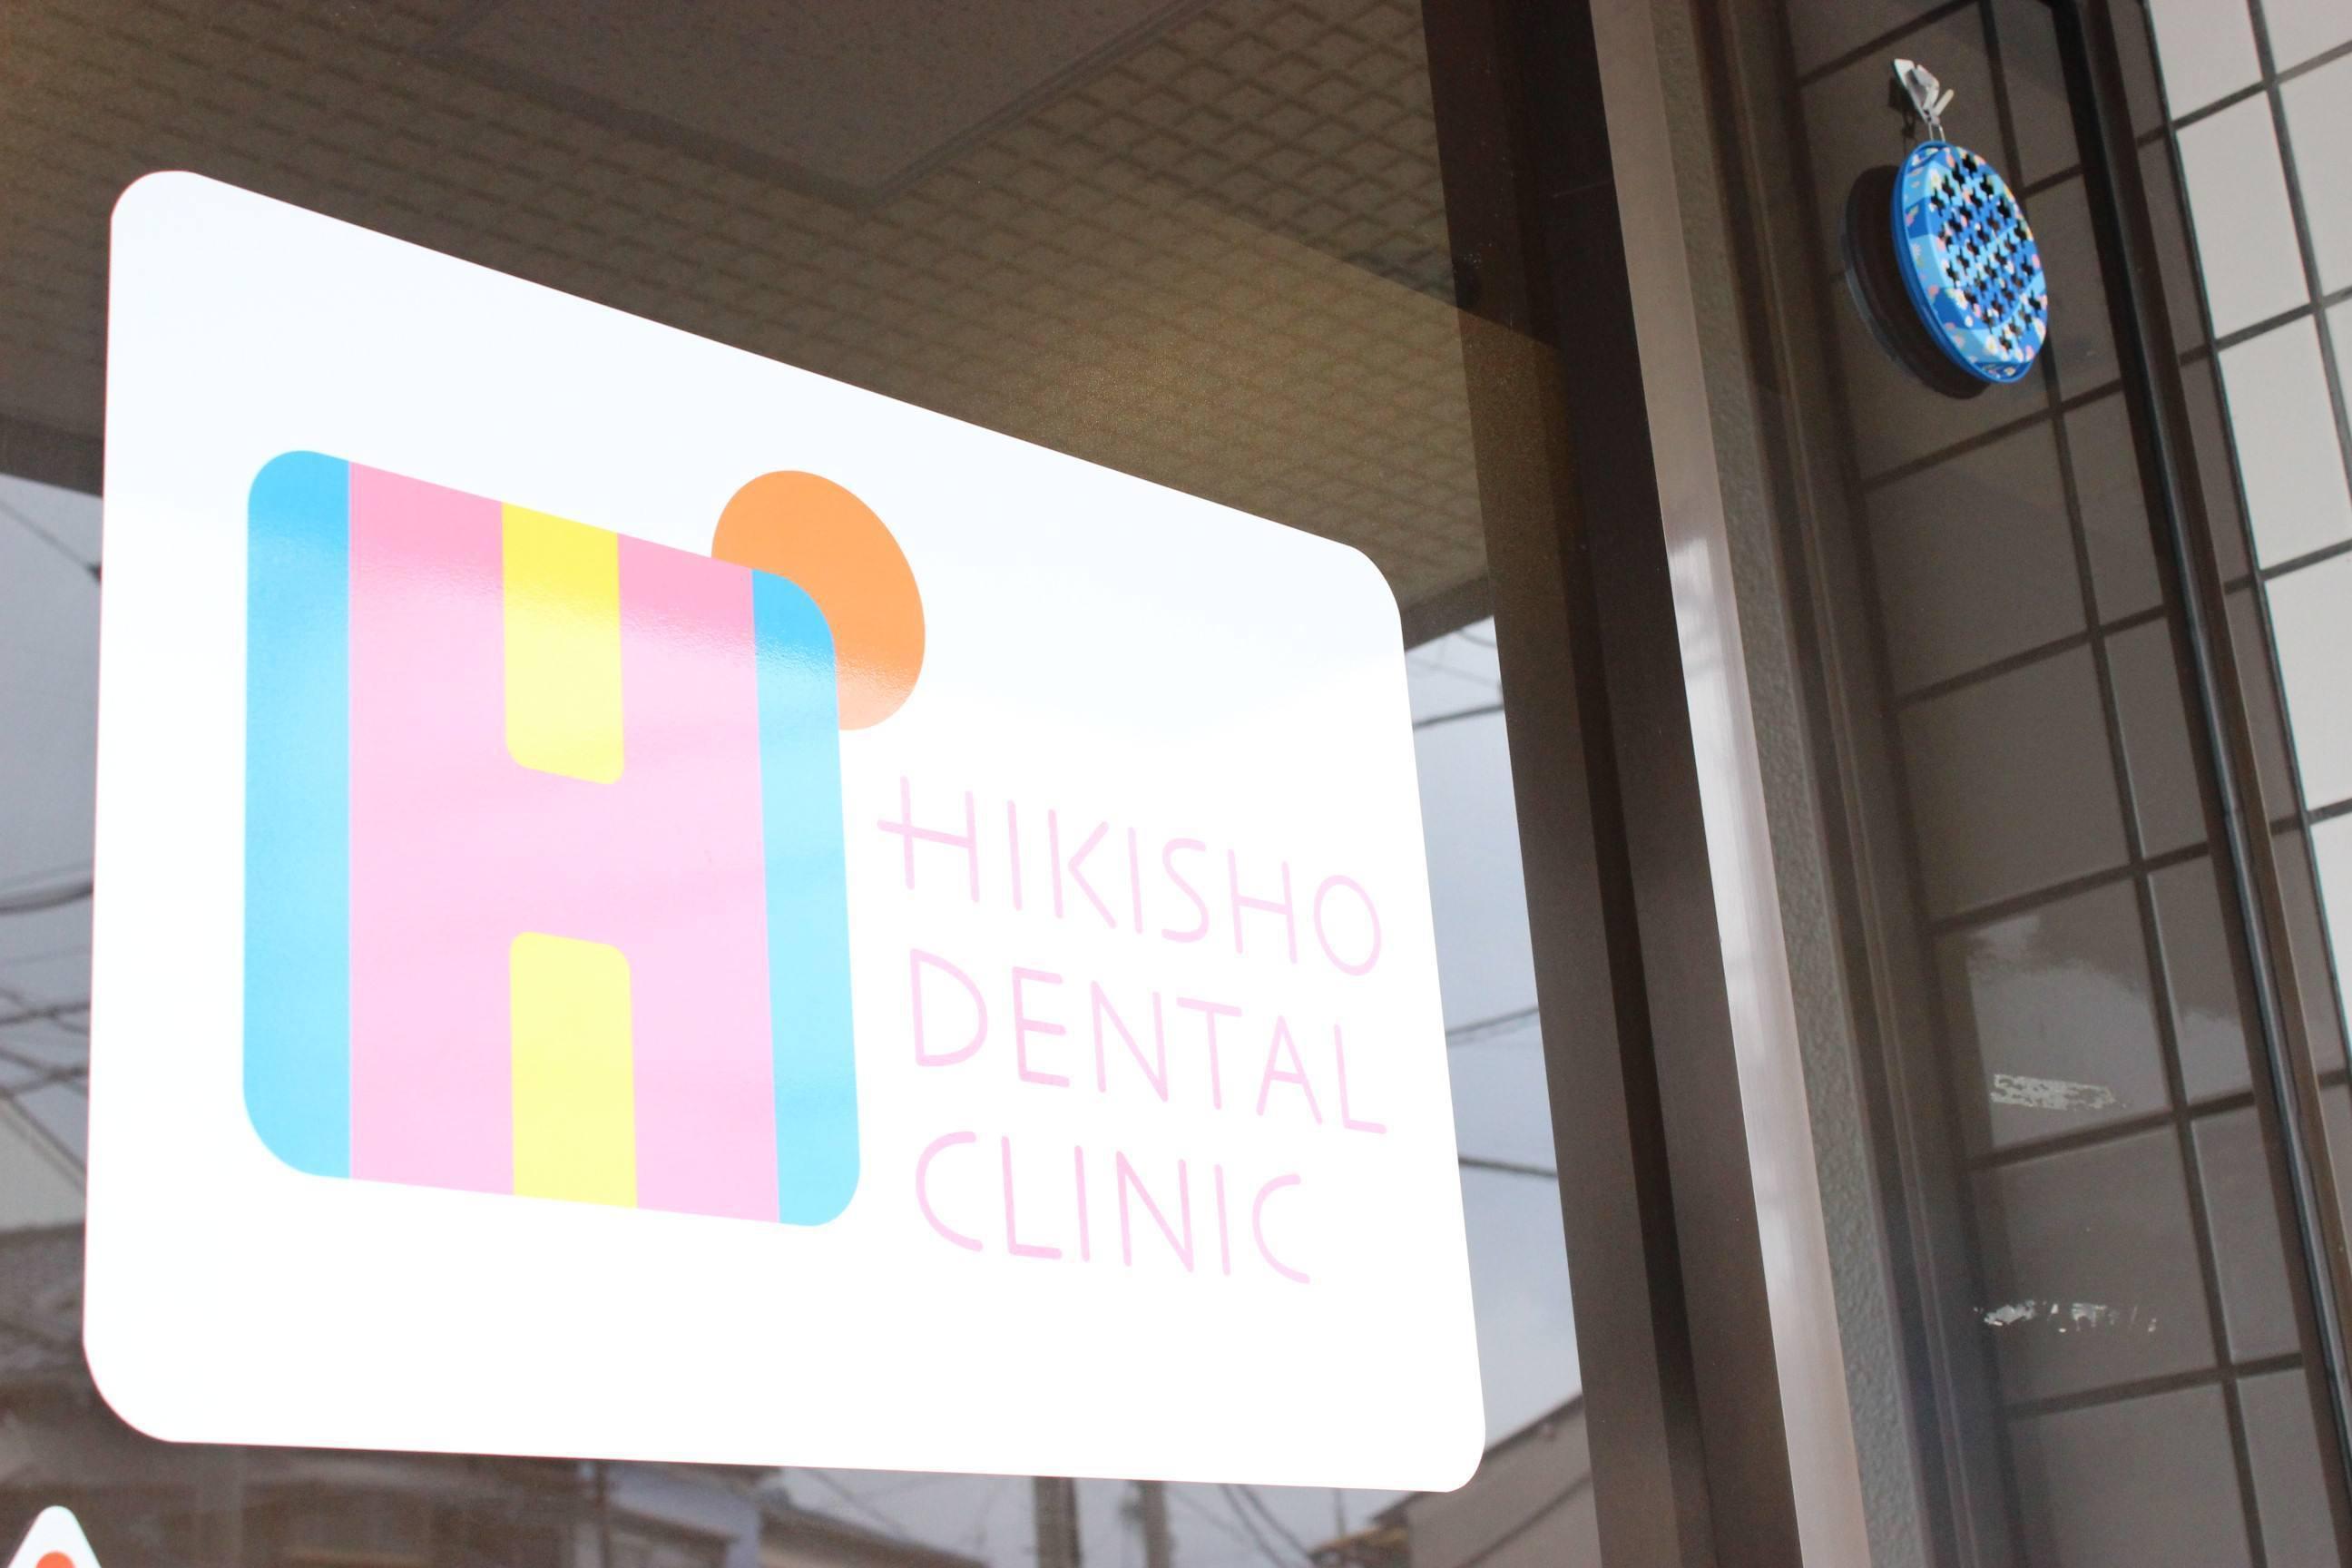 ひきしょう歯科クリニック 外観